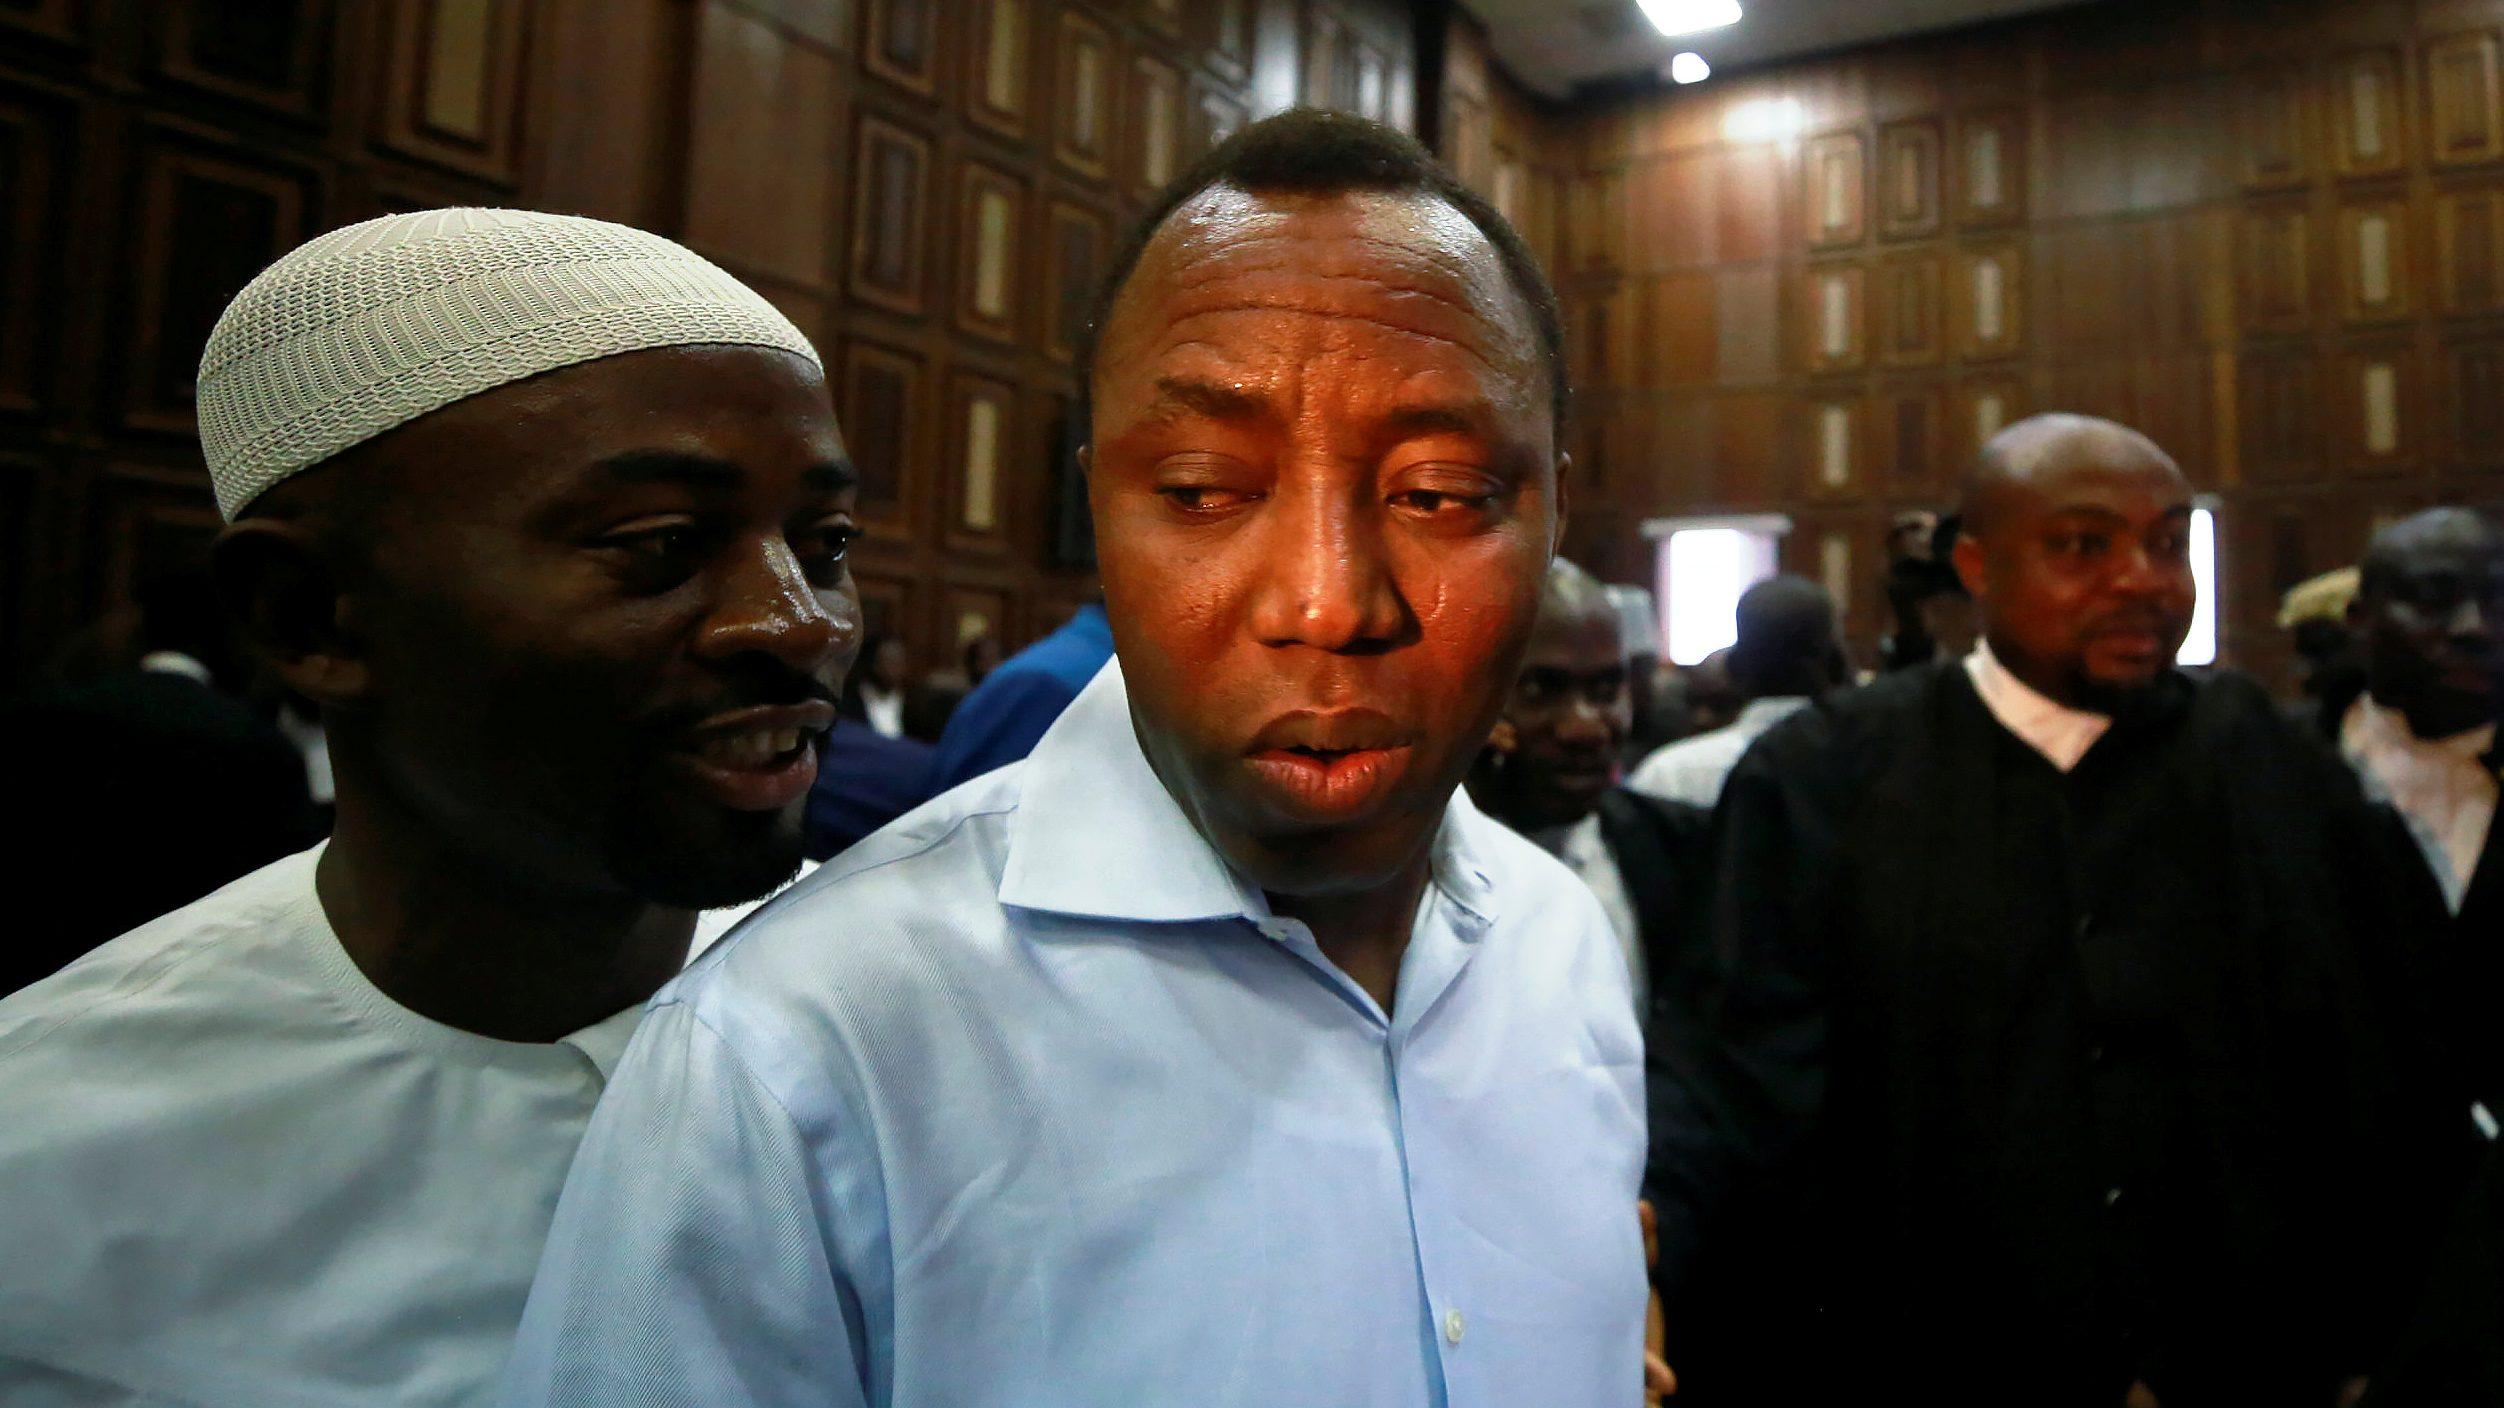 Sahara Reporters Sowore face of Nigeria's shrinking press freedom - Quartz Africa